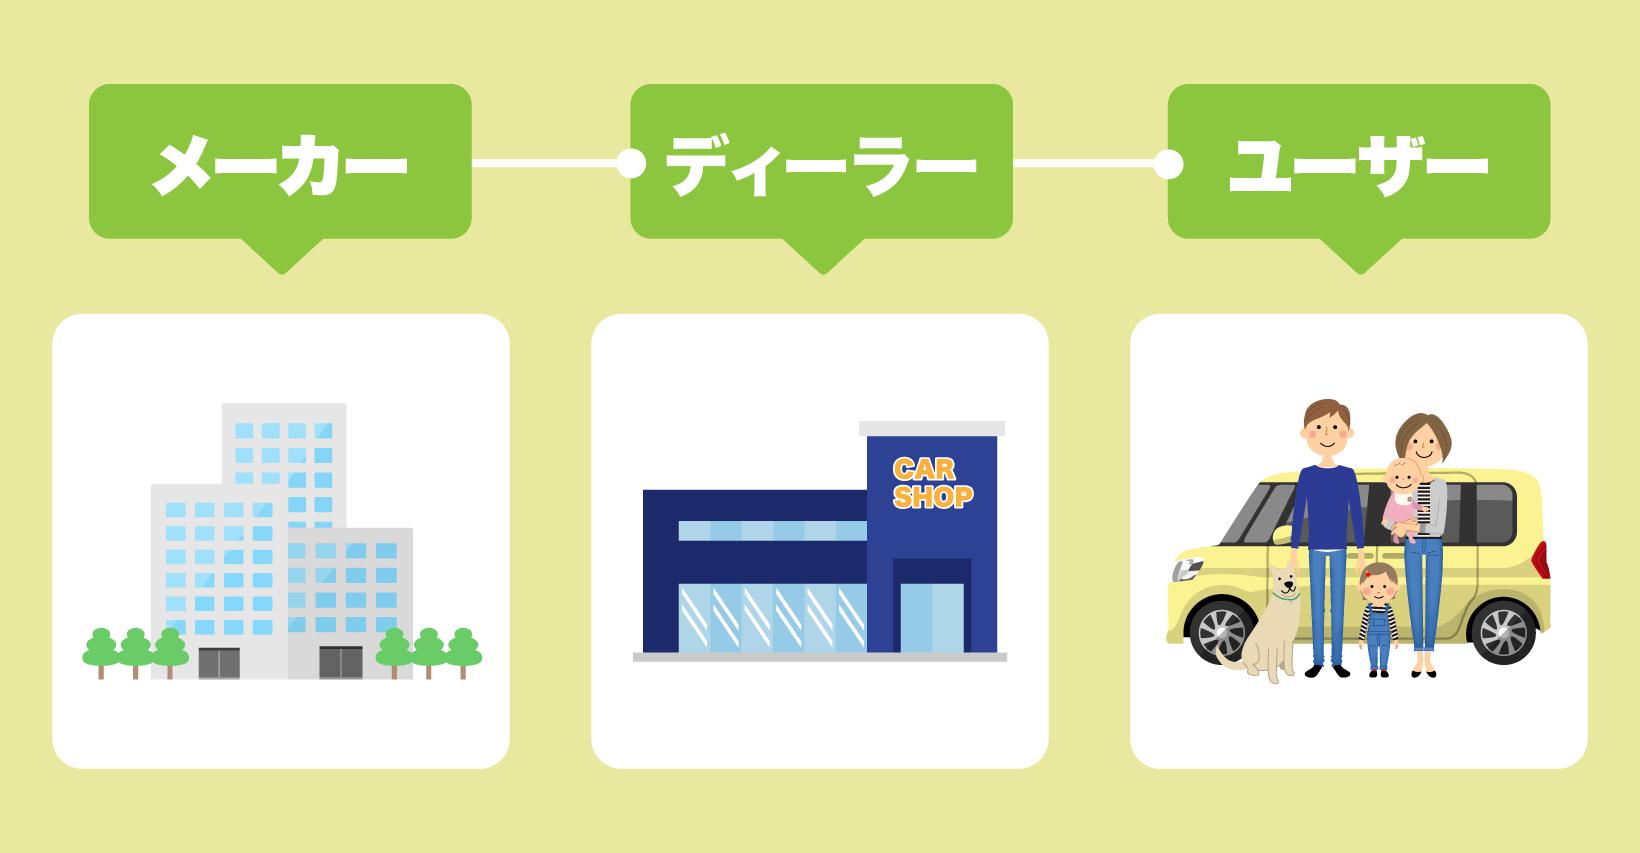 メーカー、ディーラー、ユーザーの順に車が流れる